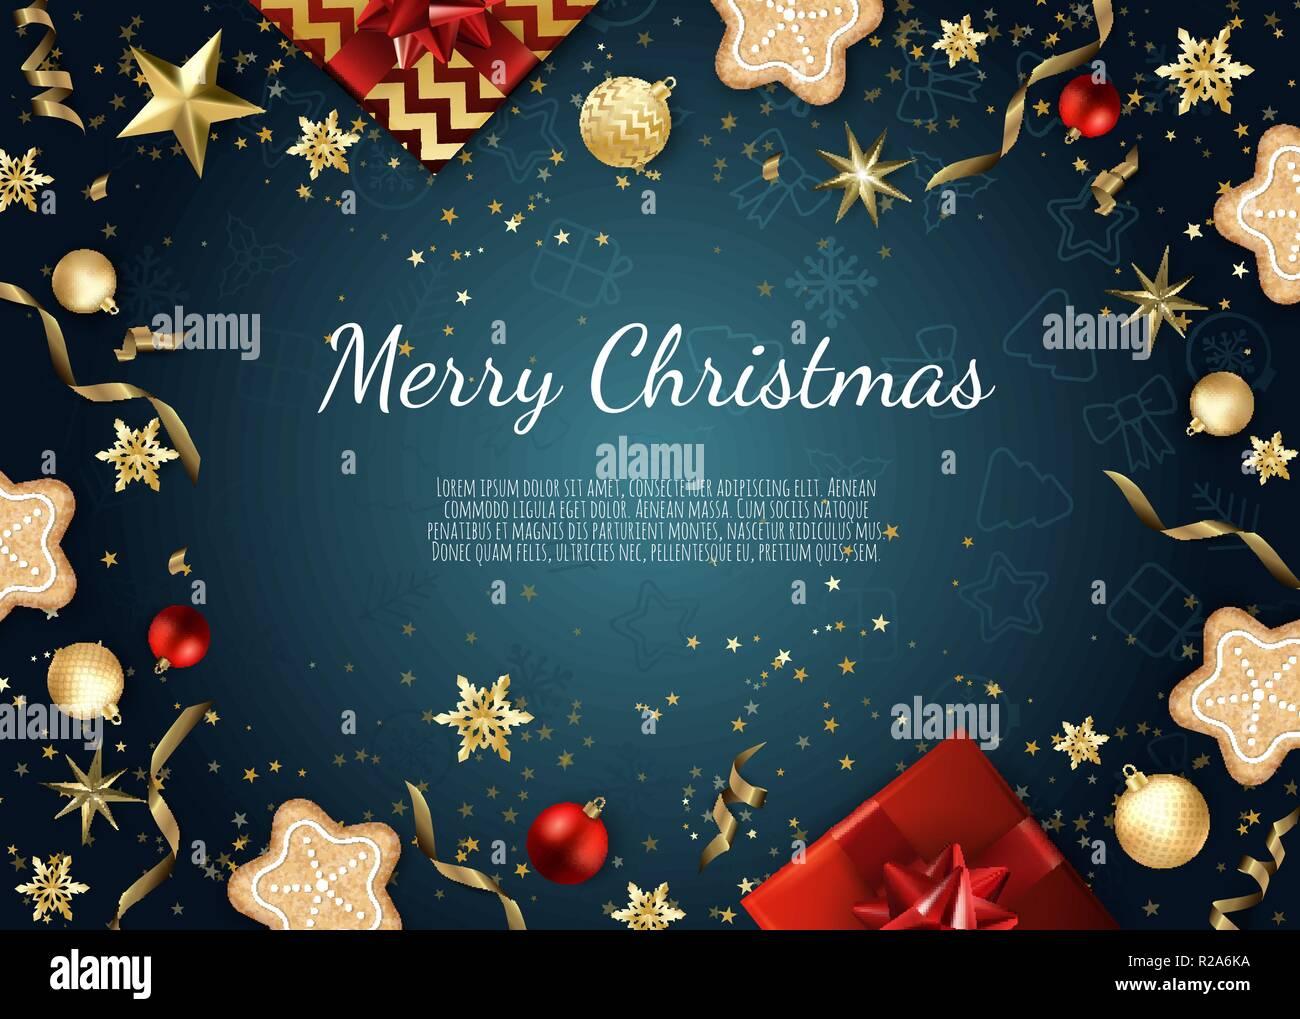 Foto Di Natale Con Auguri.Auguri Di Natale Carta Con I Cookie Stelle Decorazioni